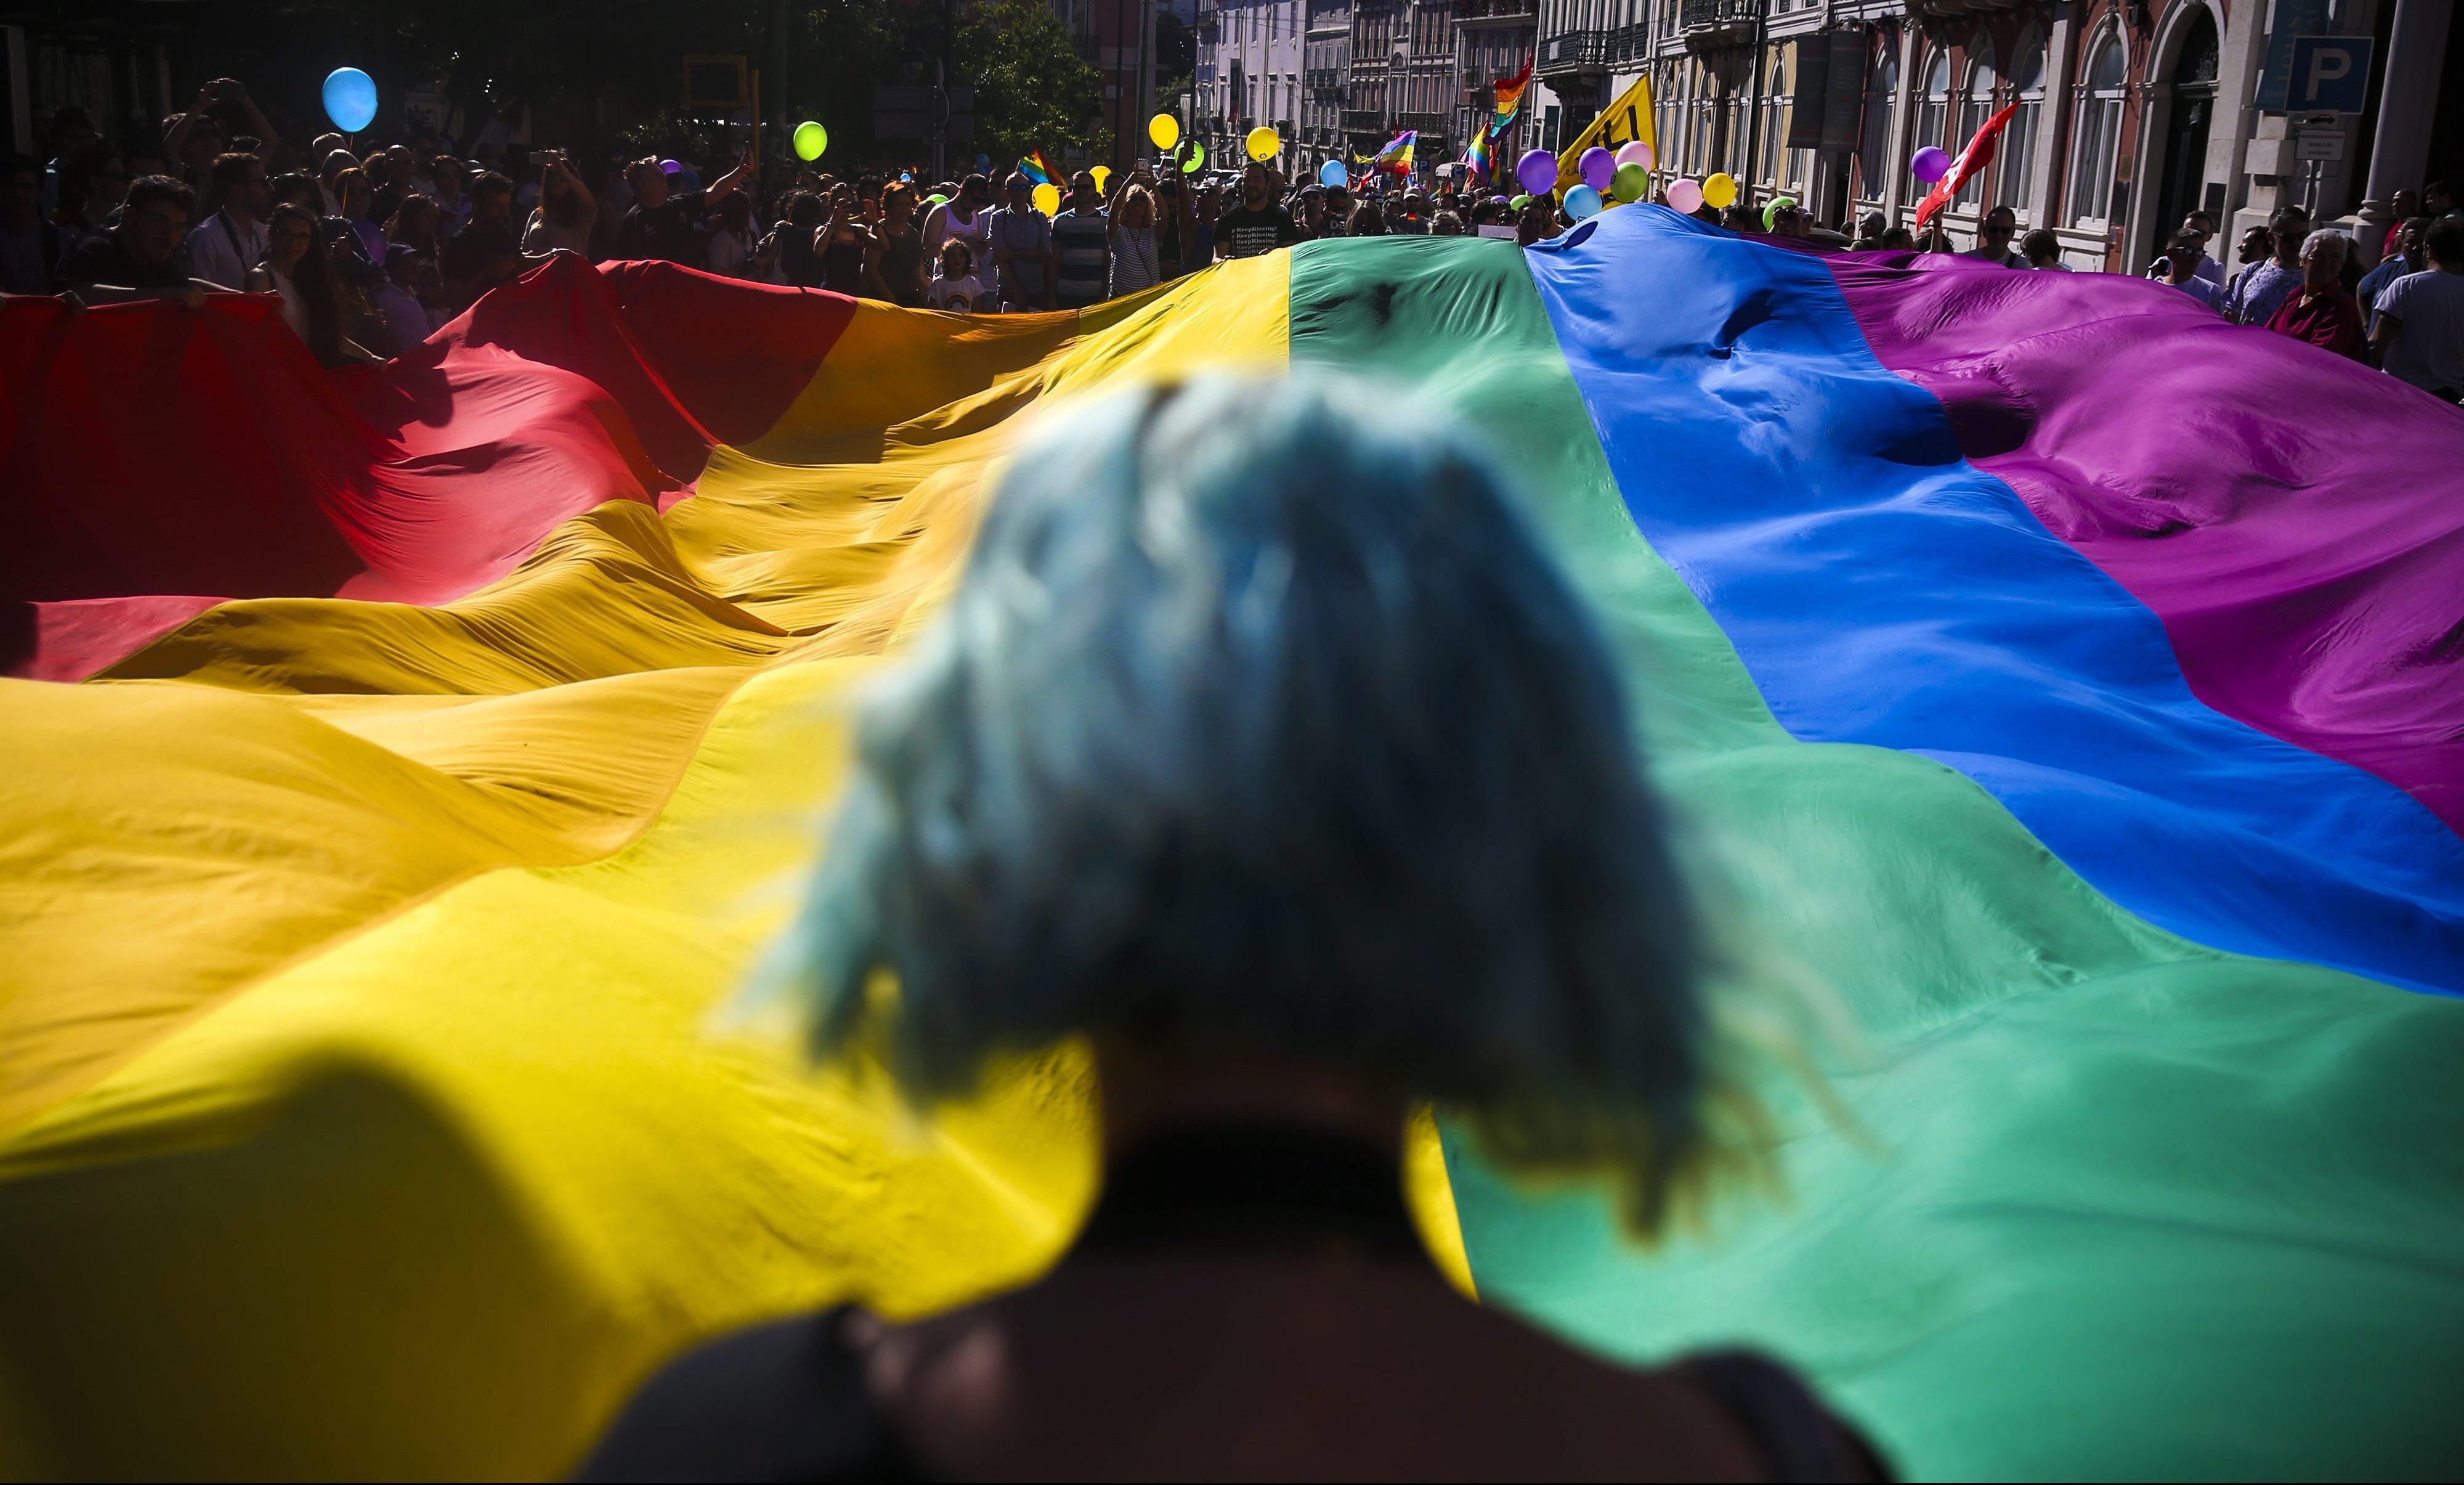 2019'un En LGBT Dostu Ülkeleri Açıklandı, Portekiz 27. Sıradan Zirveye Yerleşti!